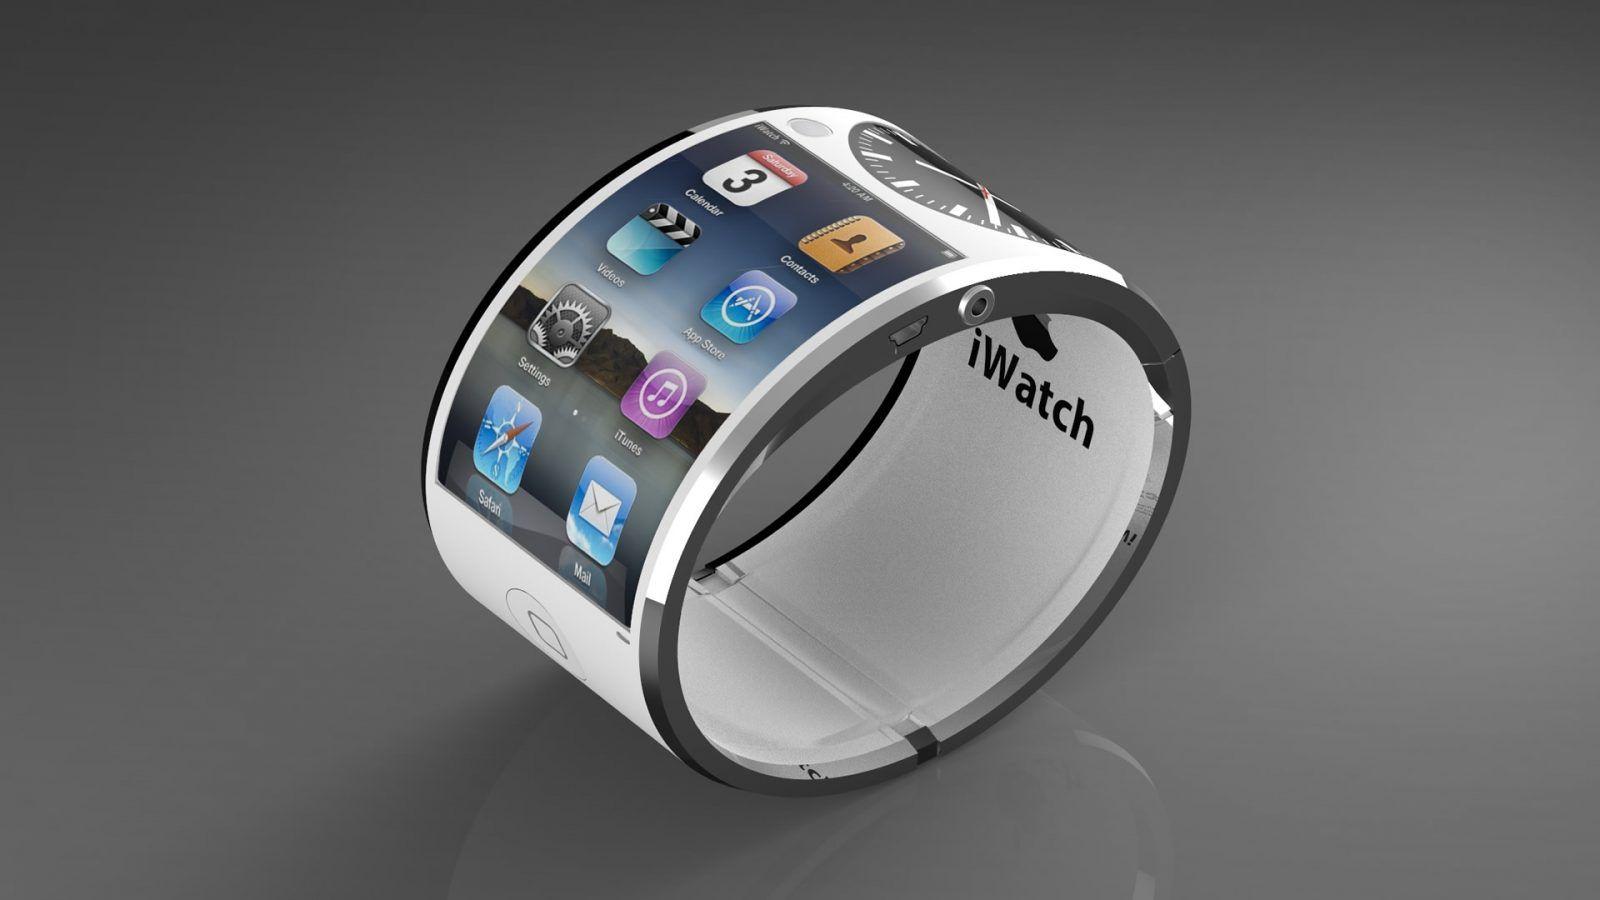 Czujnik promieniowania UV na wyposażeniu zegarka iWatch